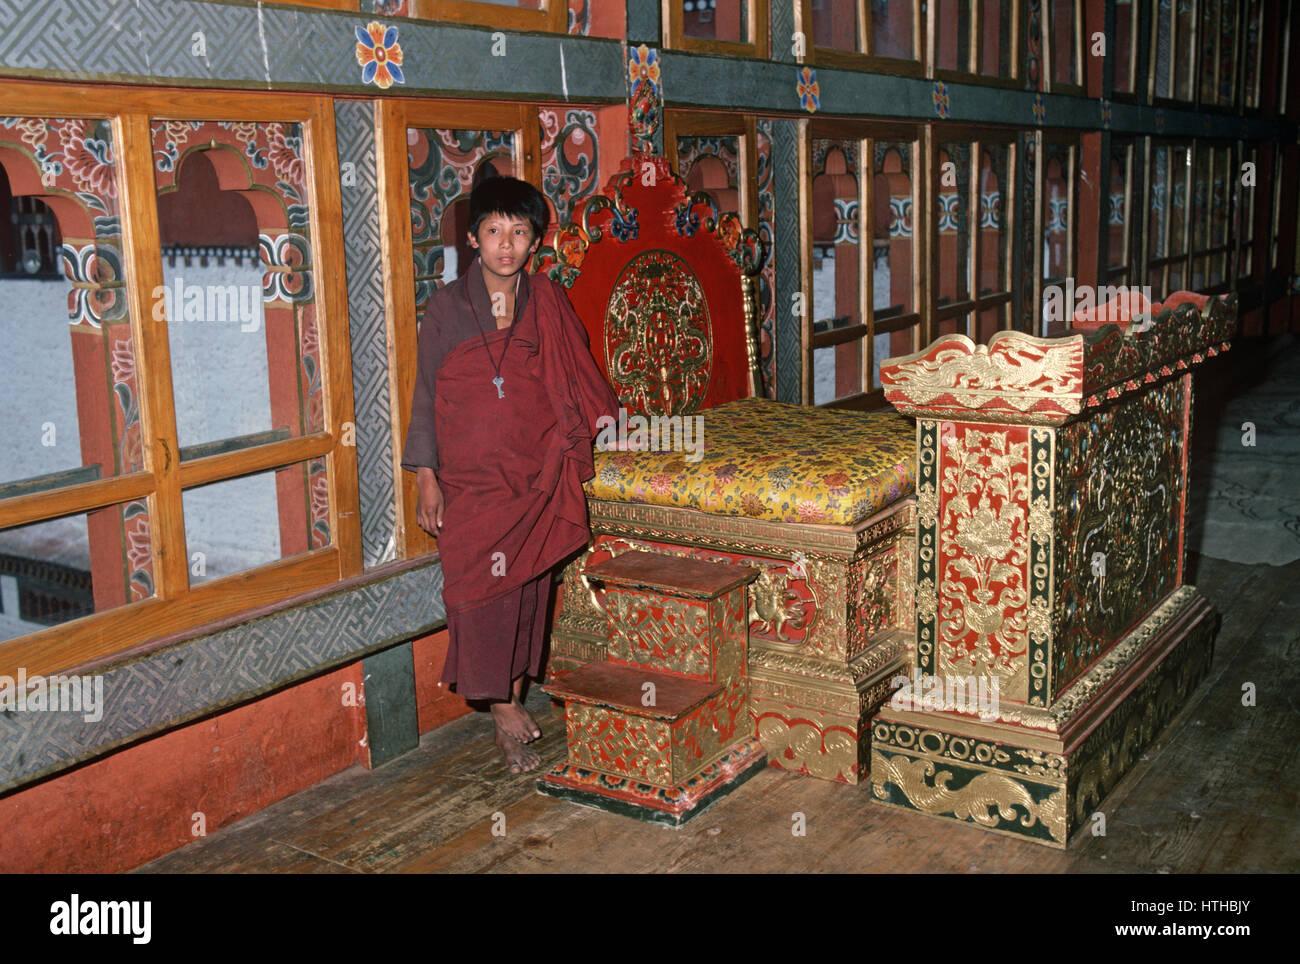 Jeune moine bouddhiste debout à côté de Kings trône, Tashichhodzong, monastère bouddhiste Photo Stock